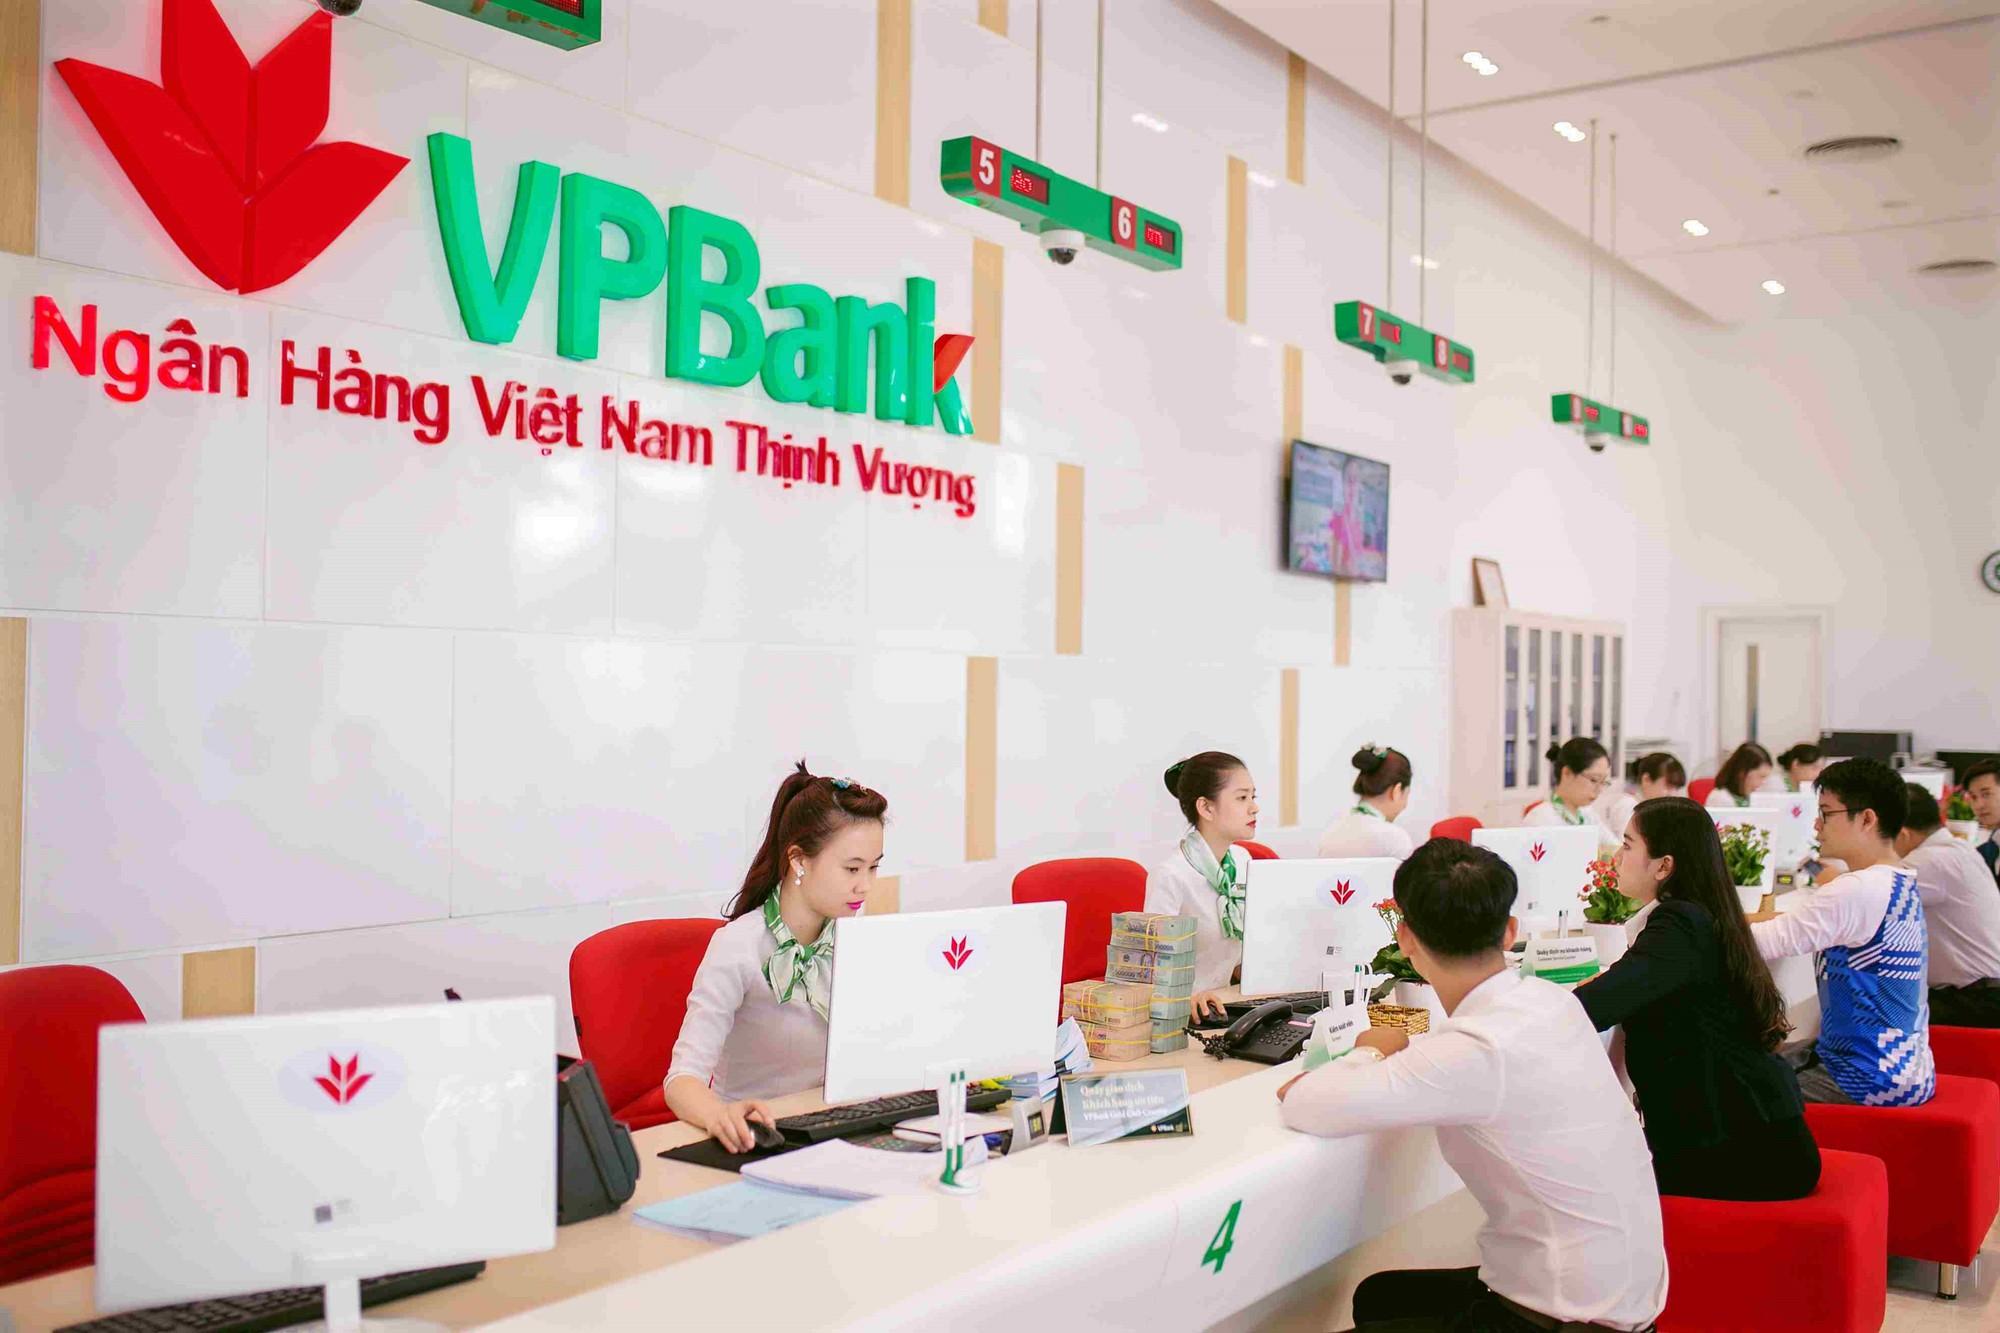 VPBank sắp chia cổ tức, cổ phiếu thưởng tổng tỷ lệ 80%